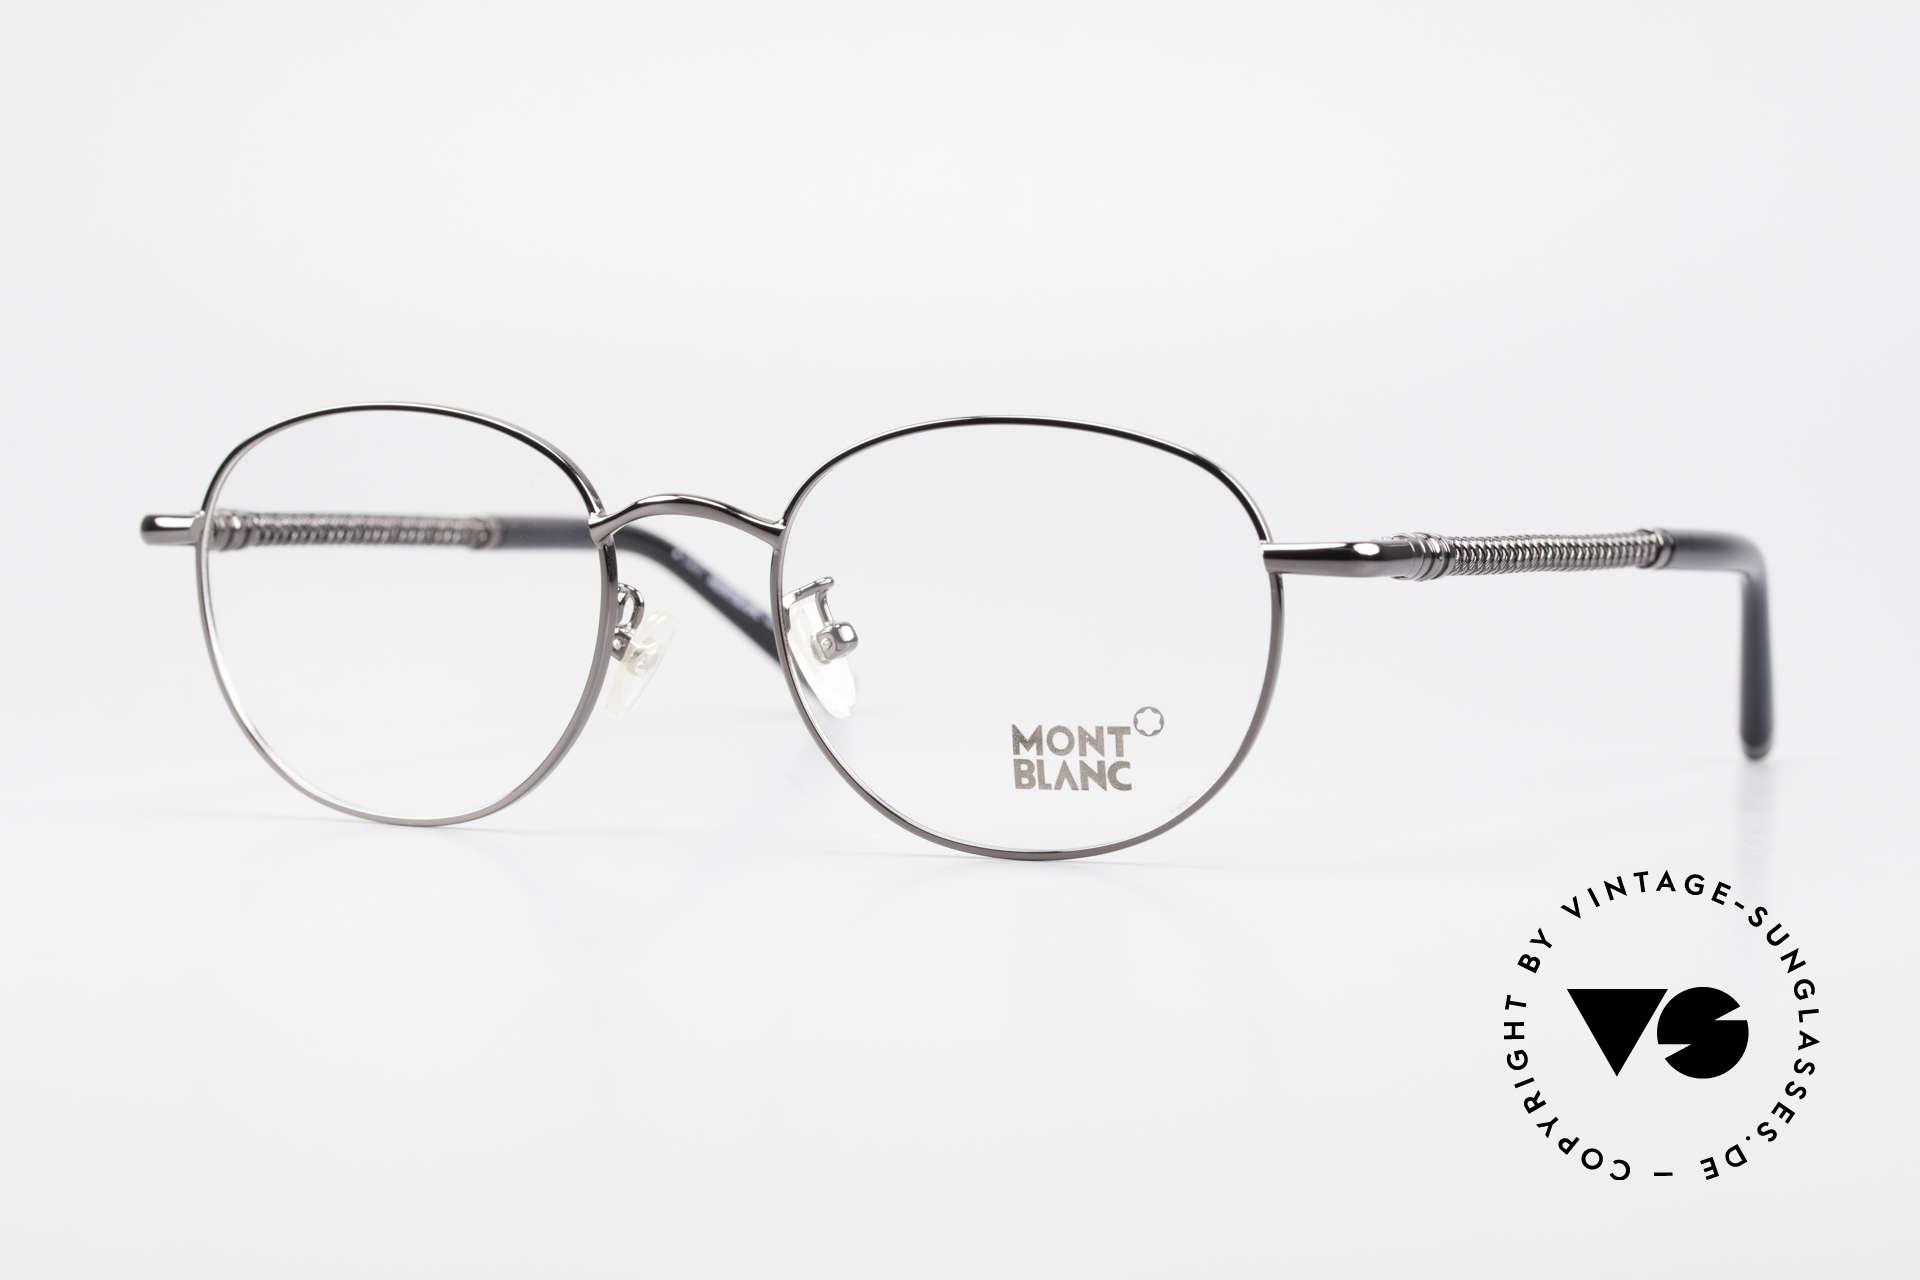 Montblanc MB392 Luxus Pantobrille Gunmetal, Mont Blanc Luxusbrille, 392, col. 012, Gr. 51/19, 145, Passend für Herren und Damen